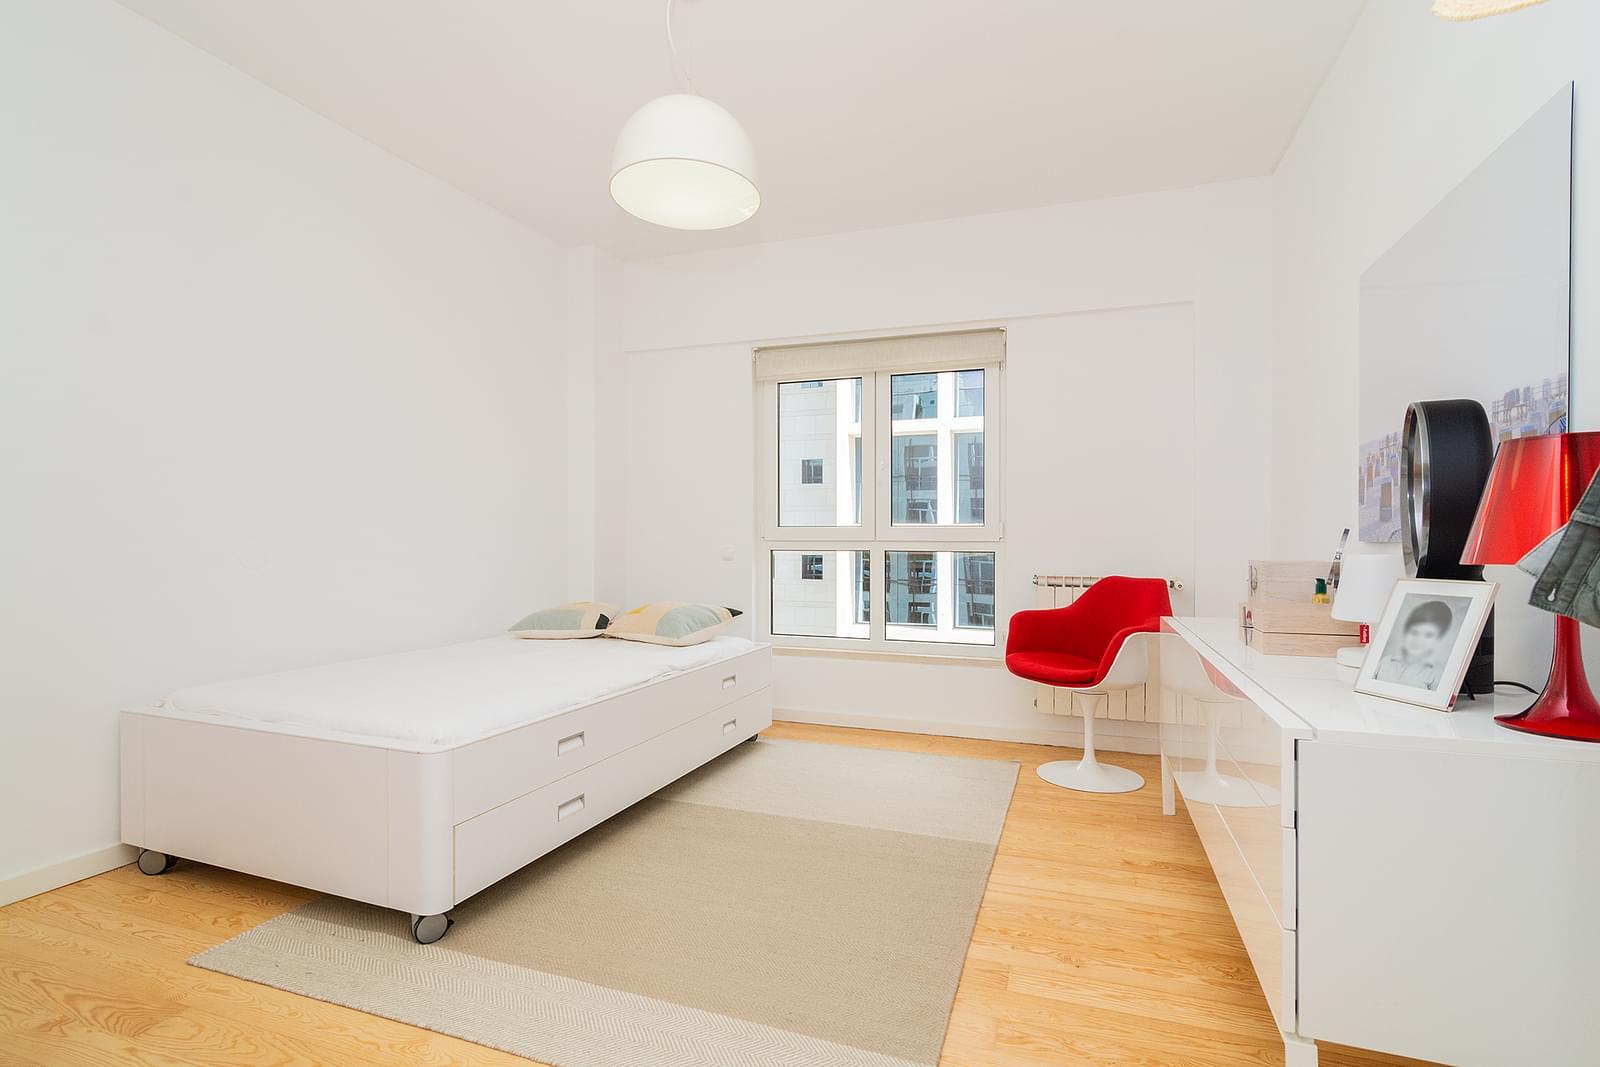 pf14147-apartamento-t3-lisboa-402cf46a-15ff-4037-9855-a516ad737ed6